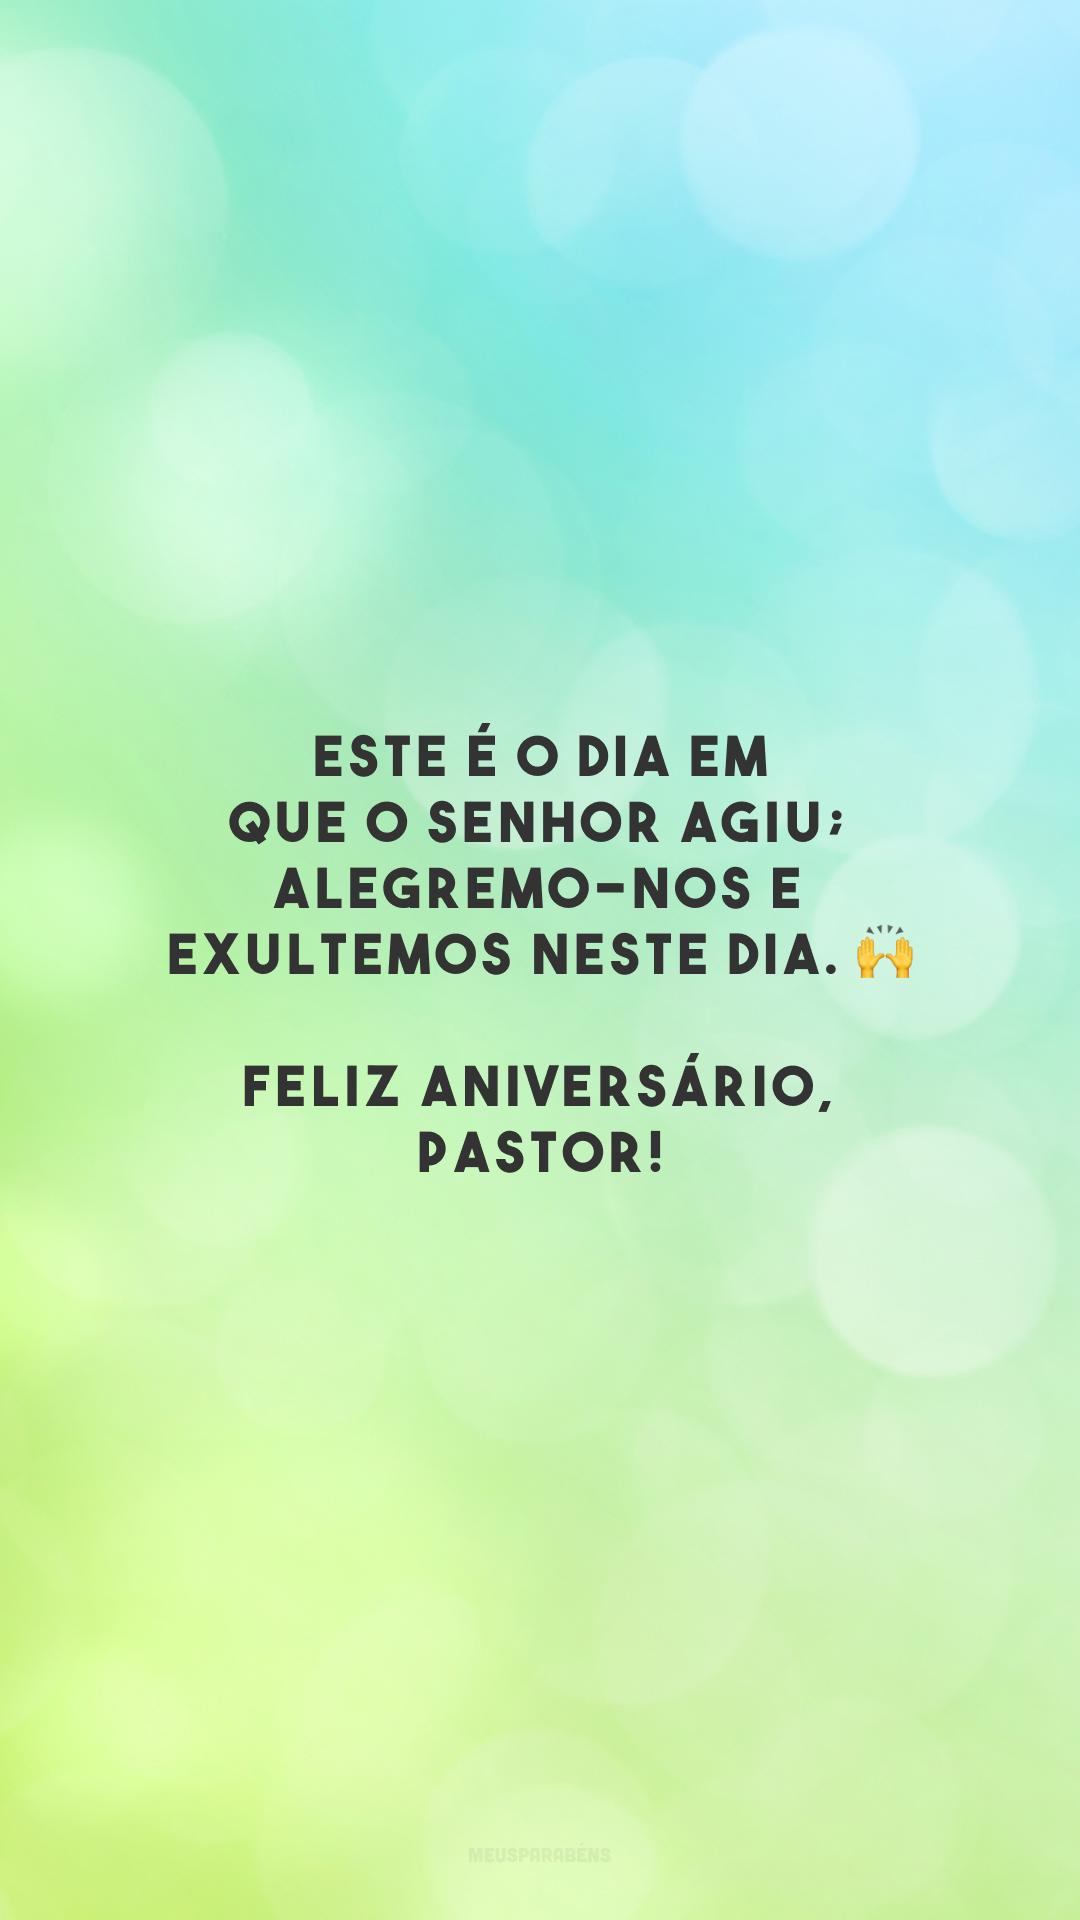 Este é o dia em que o Senhor agiu; alegremo-nos e exultemos neste dia. 🙌 Feliz aniversário, pastor!